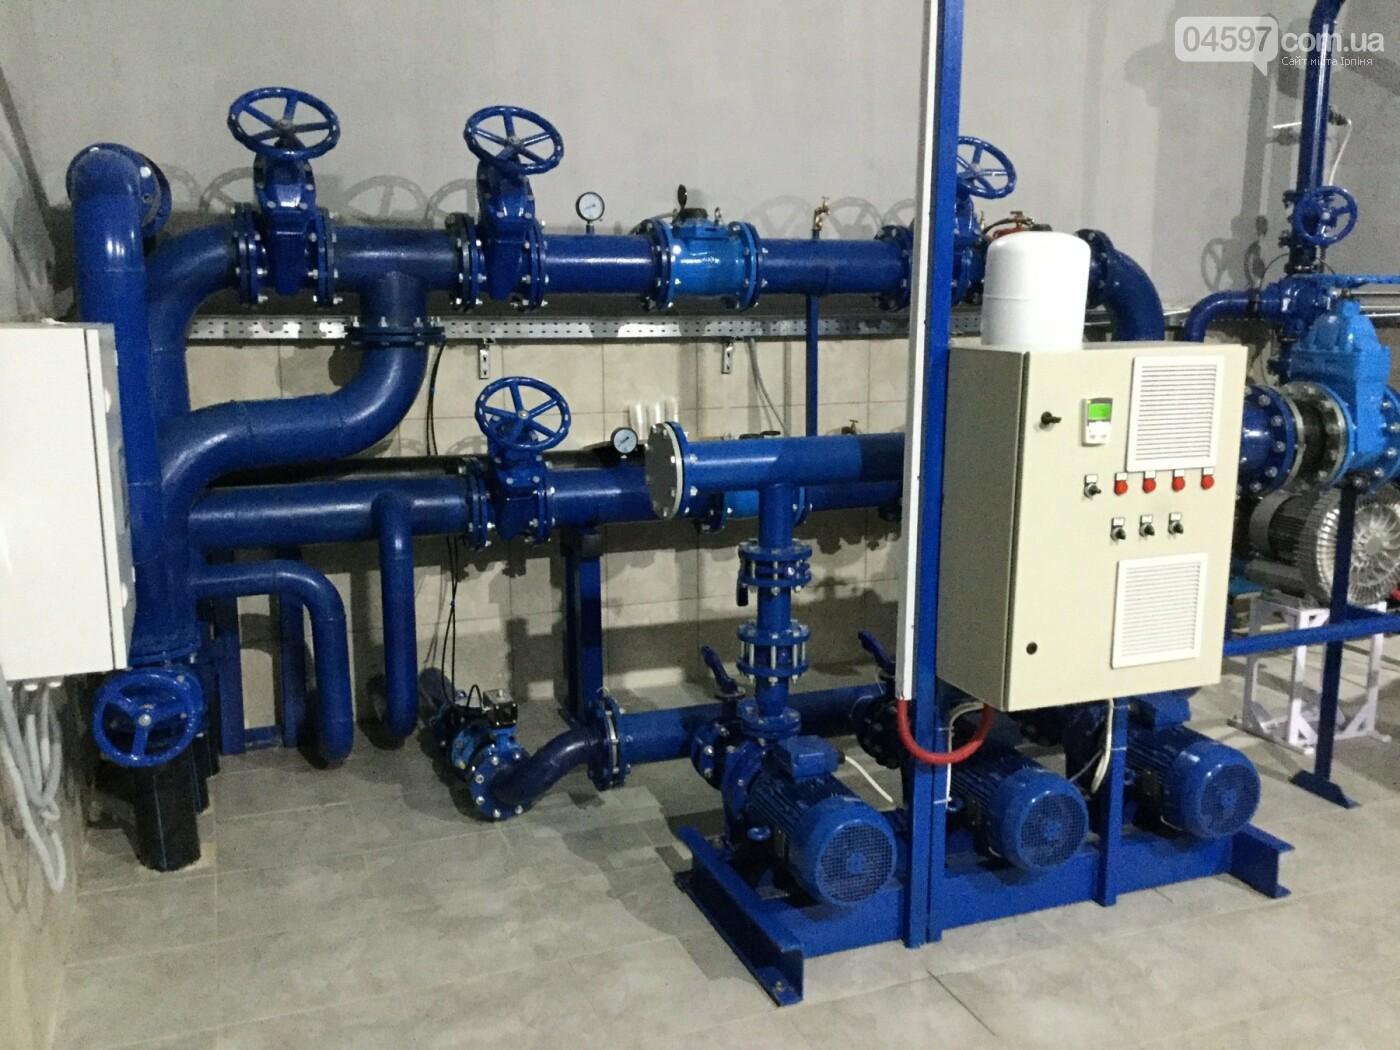 В Ірпені відкрили потужну станцію очистки води, фото-2